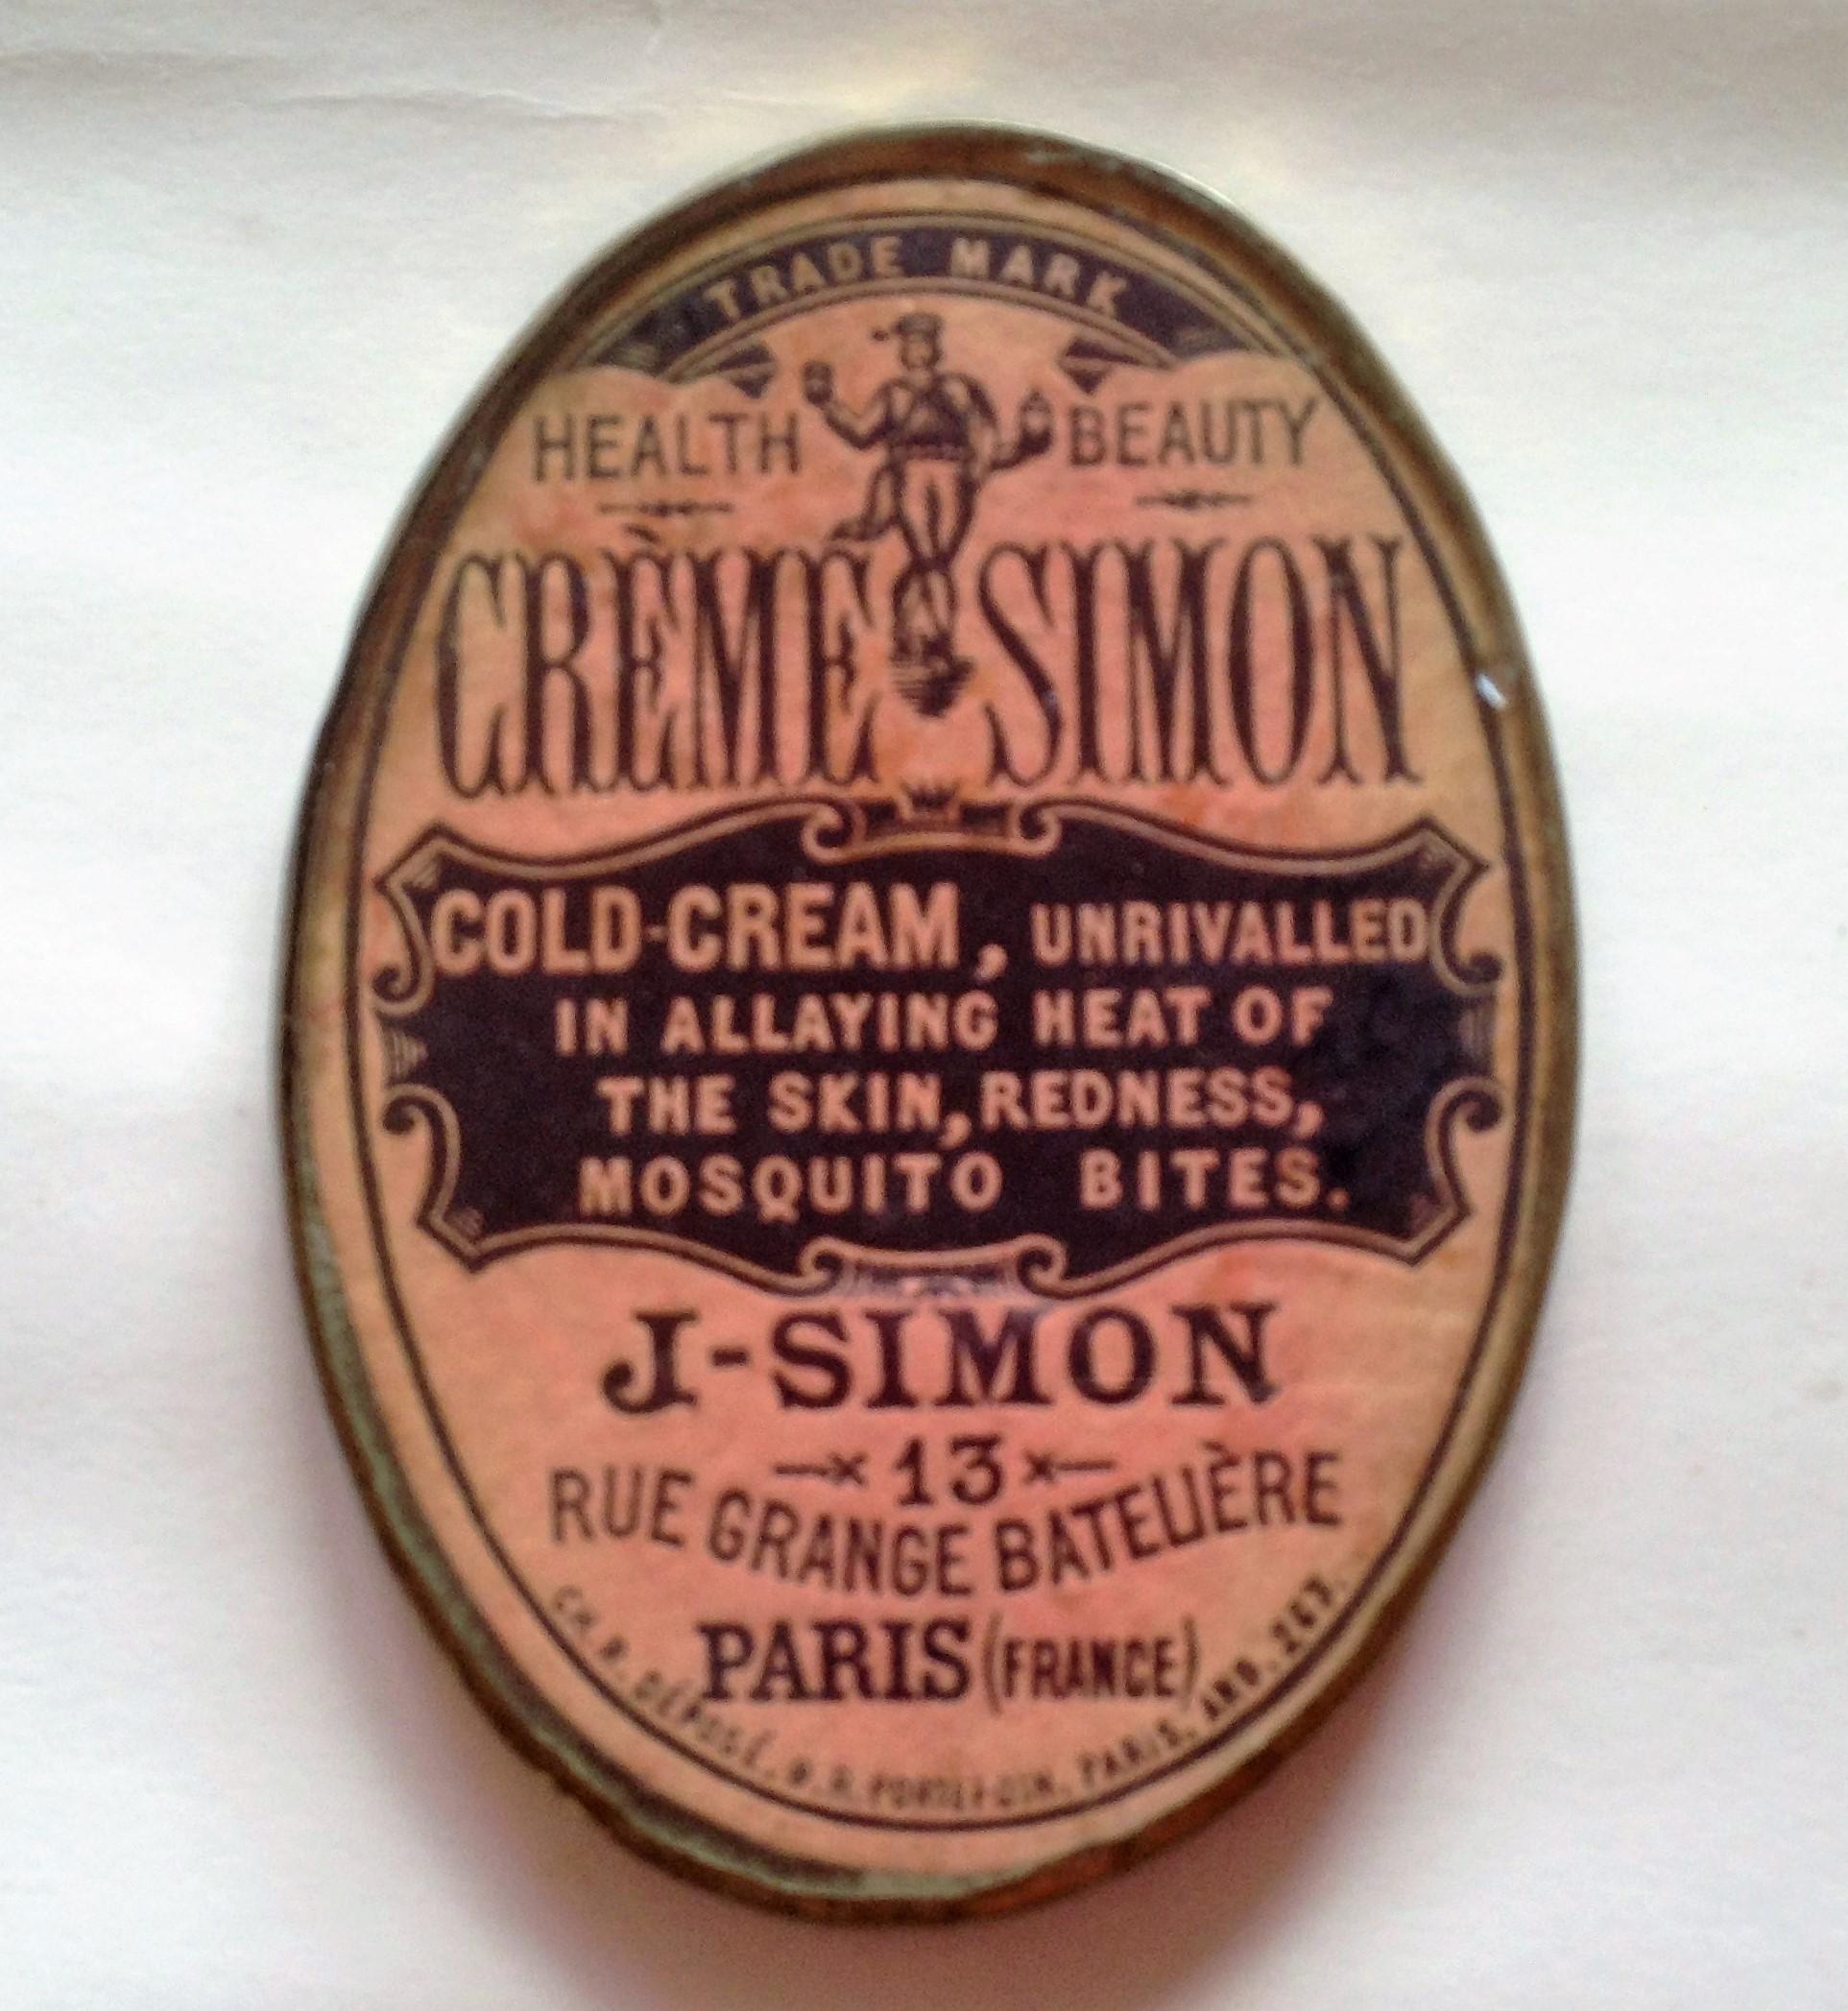 Creme Simon - pocket mirror